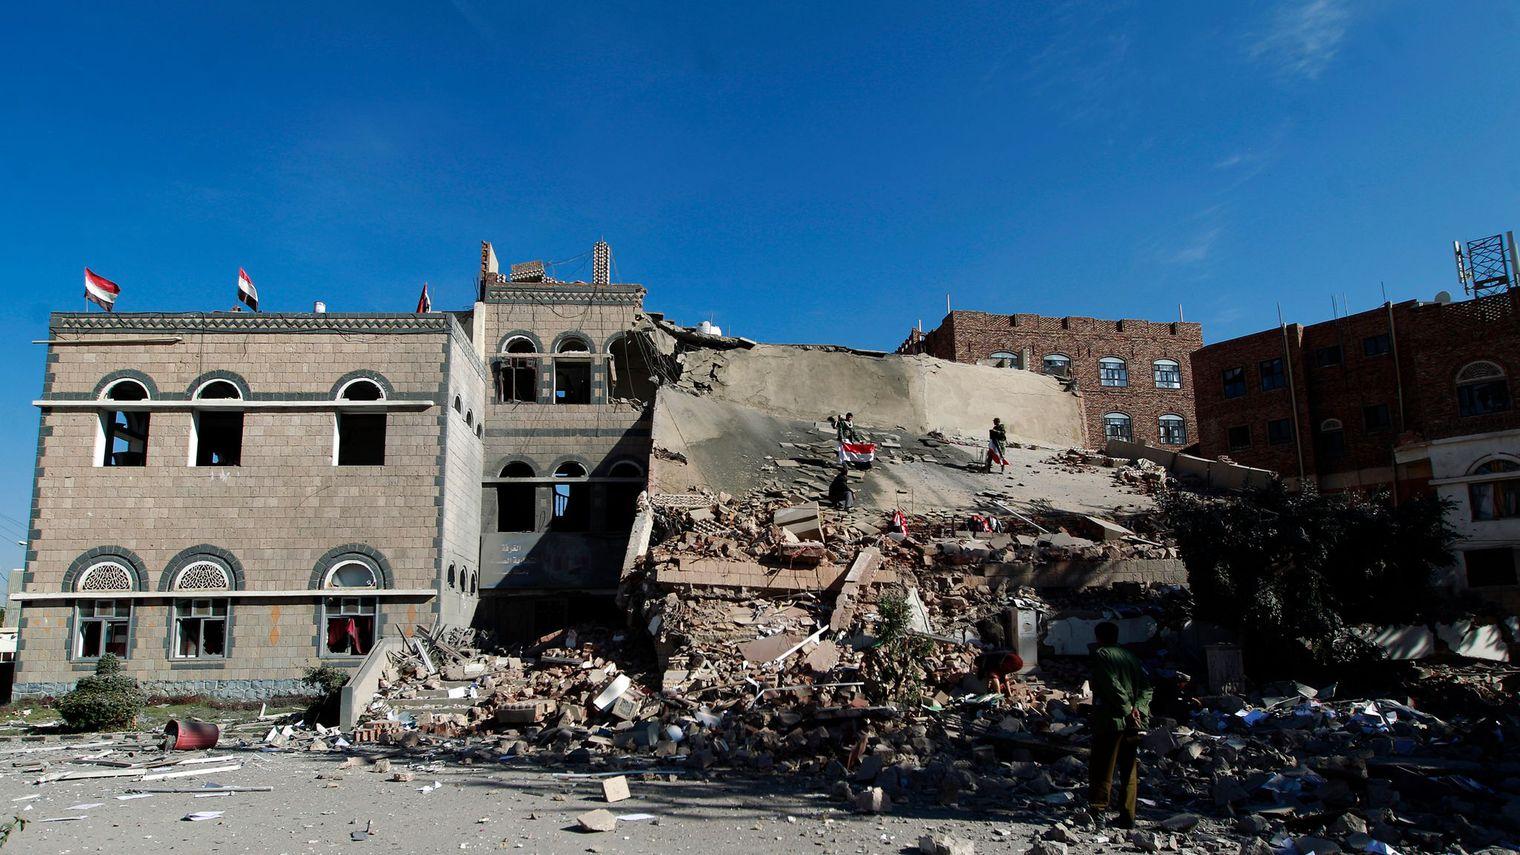 La coalition arabe dément utiliser des bombes à sous-munitions au Yémen